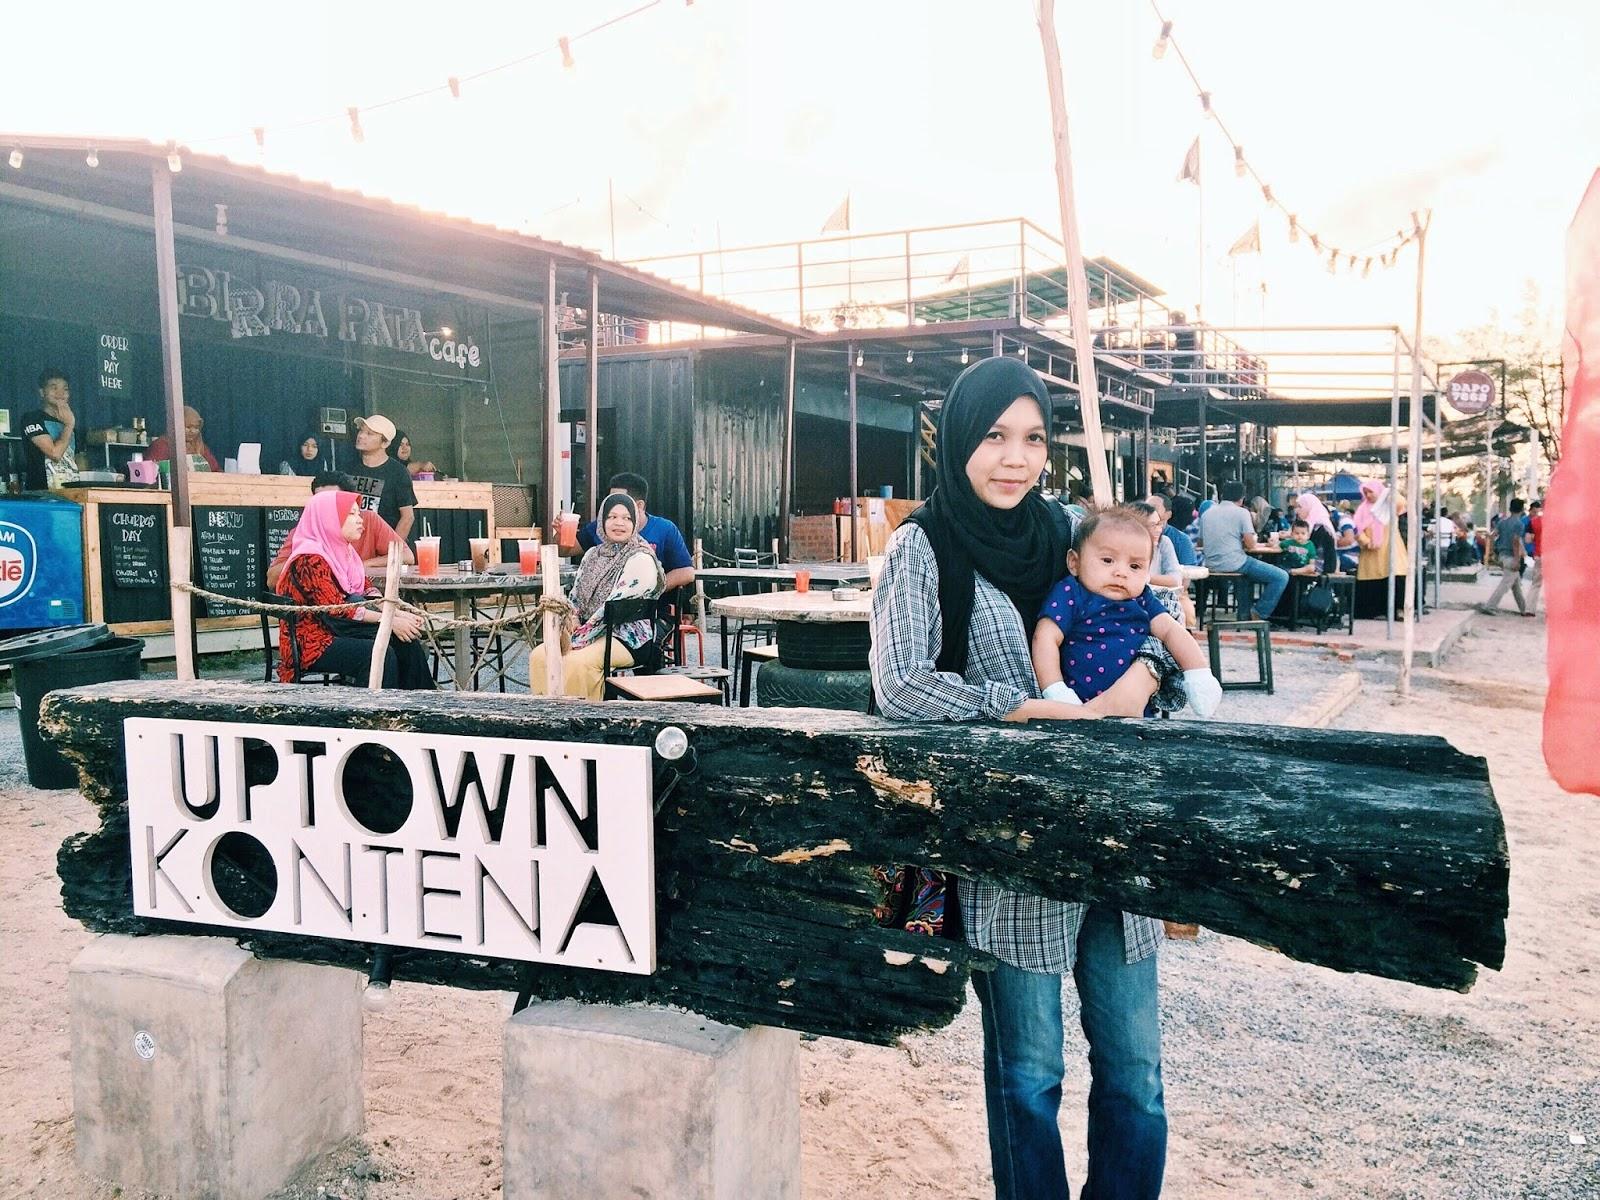 Bagi Yang Tak Tahu Dapo Pata Ni Terletak Di Pantai Tok Jembal Kuala Nerus Terengganu Kitorang Pun Pakai Waze Je Cari Tempat Ha Sekarang Kan Da